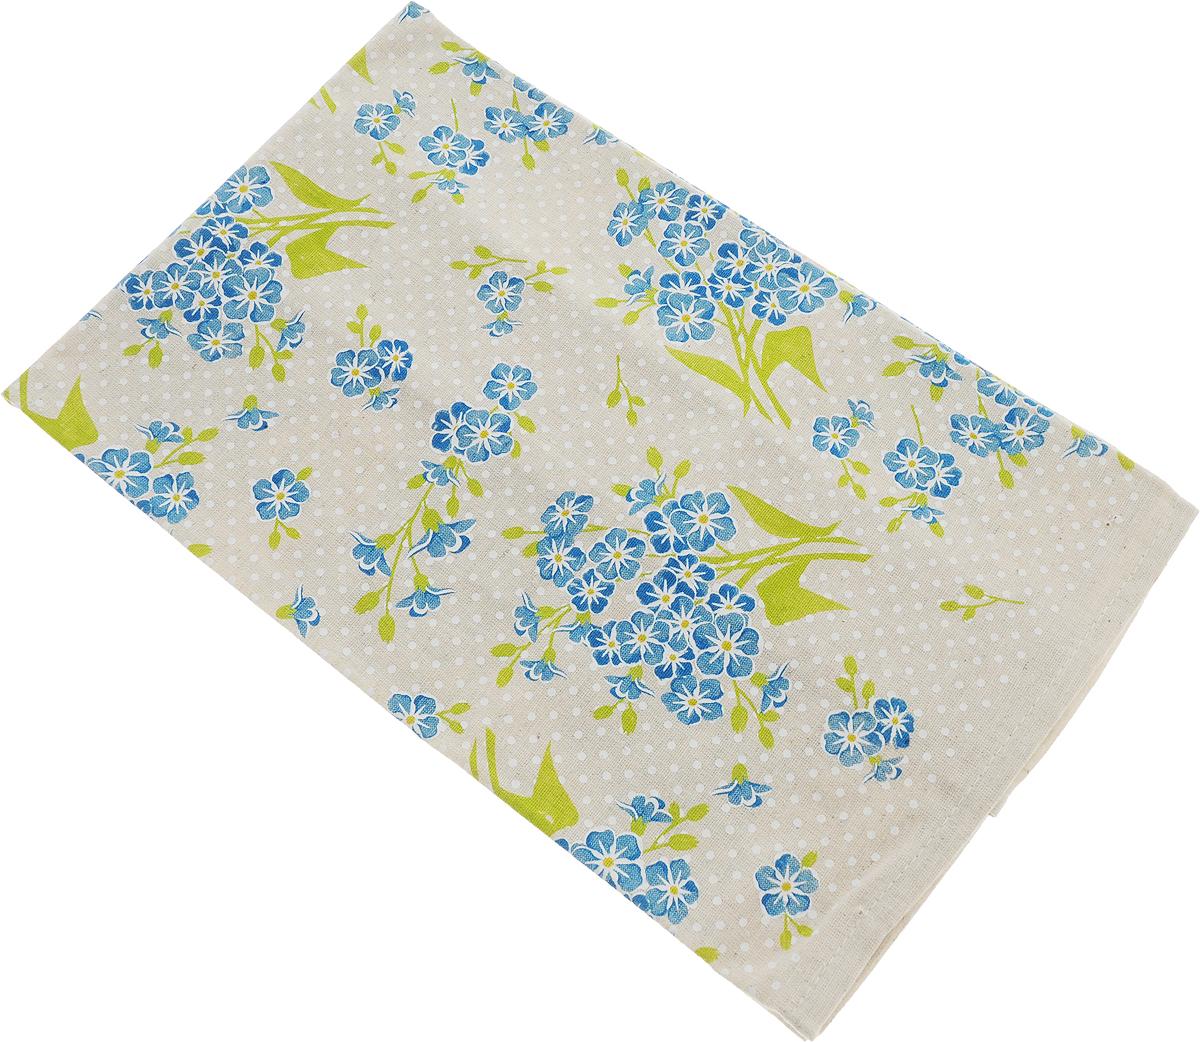 Полотенце кухонное LarangE От Шефа. Синие цветы, 45 х 60 см627-003_синие цветыКухонное полотенце LarangE От Шефа. Синие цветы изготовлено из льна и хлопка и оформлено рисунком. Полотенце идеально впитывает влагу и сохраняет свою мягкость даже после многих стирок. Полотенце LarangE От Шефа. Синие цветы - отличный вариант для практичной и современной хозяйки.